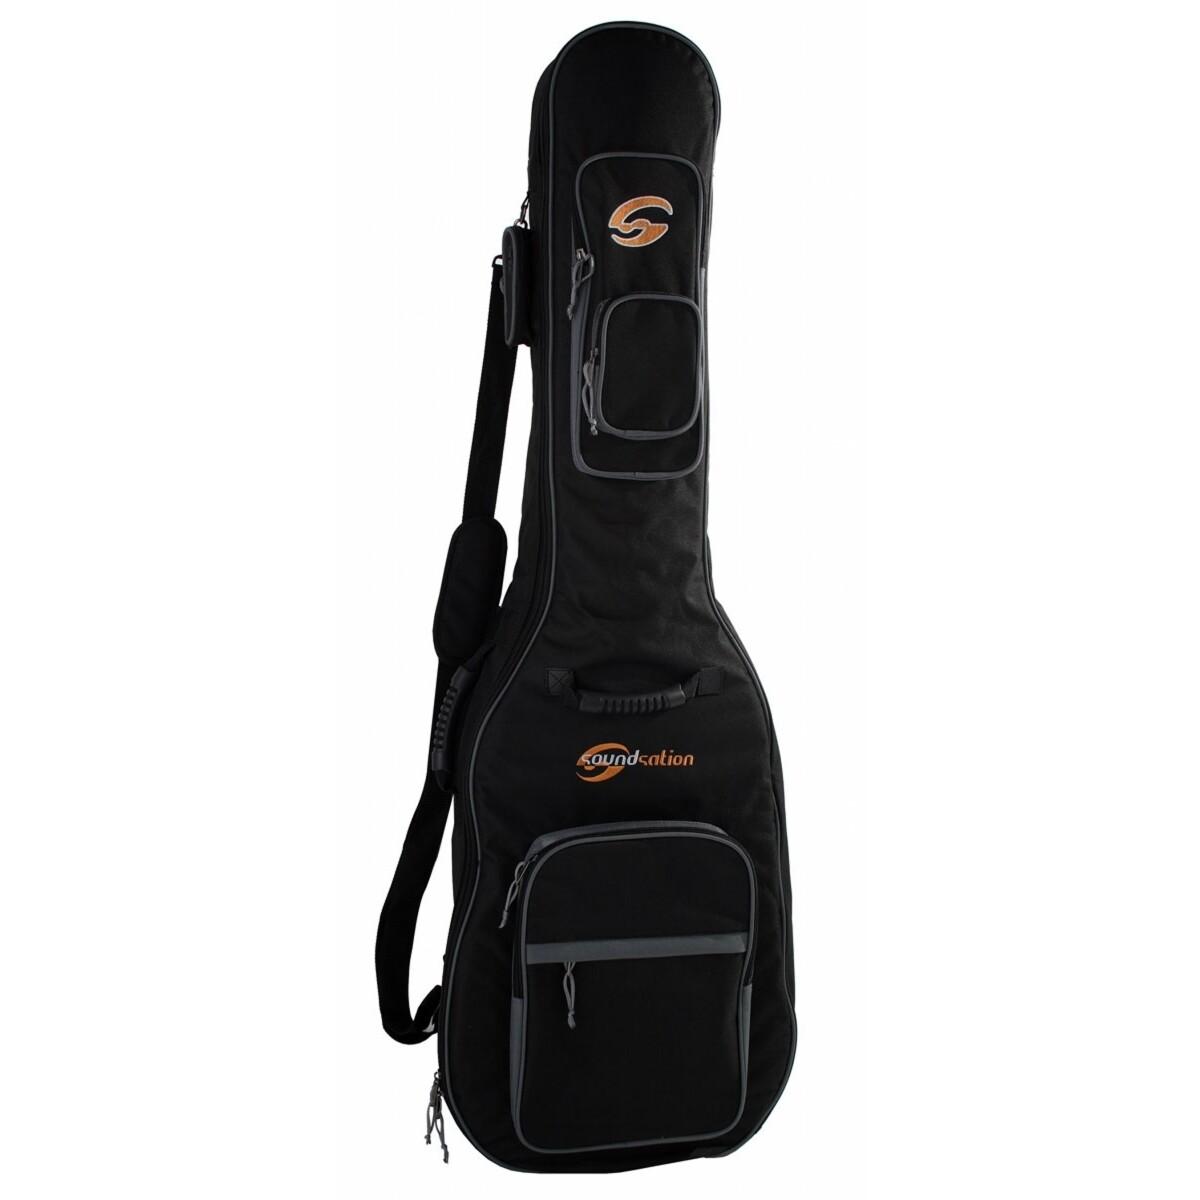 SBG-30-CG Tasche für 4/4 klassische Gitarre mit 30mm Polsterung